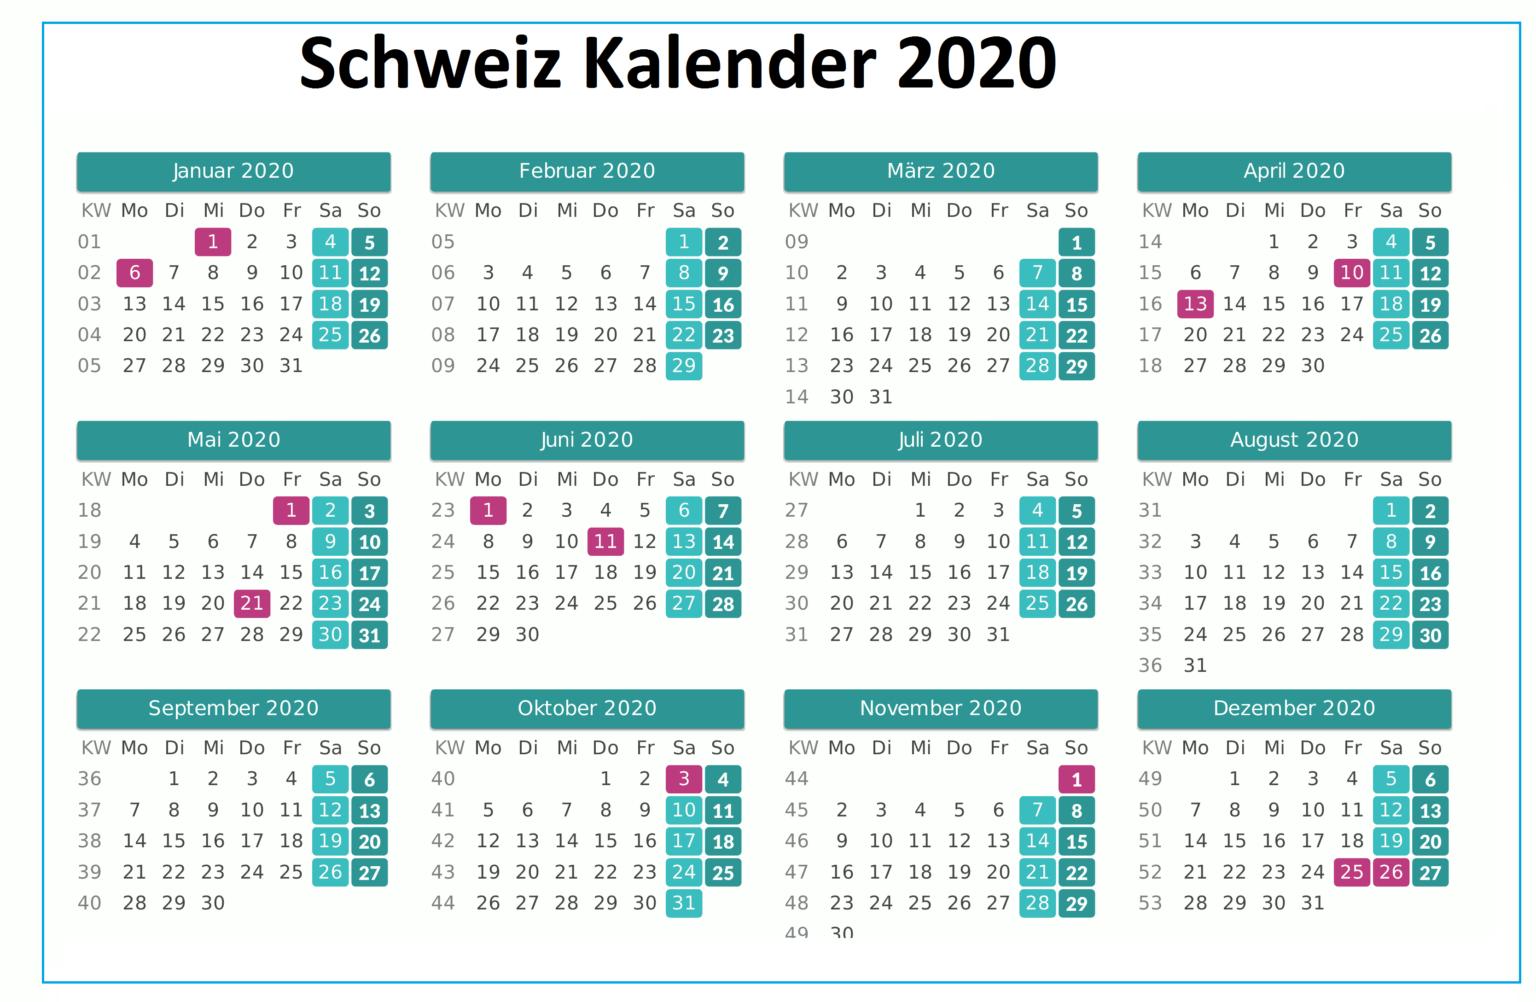 2020 Schweiz Kalender Feiertage